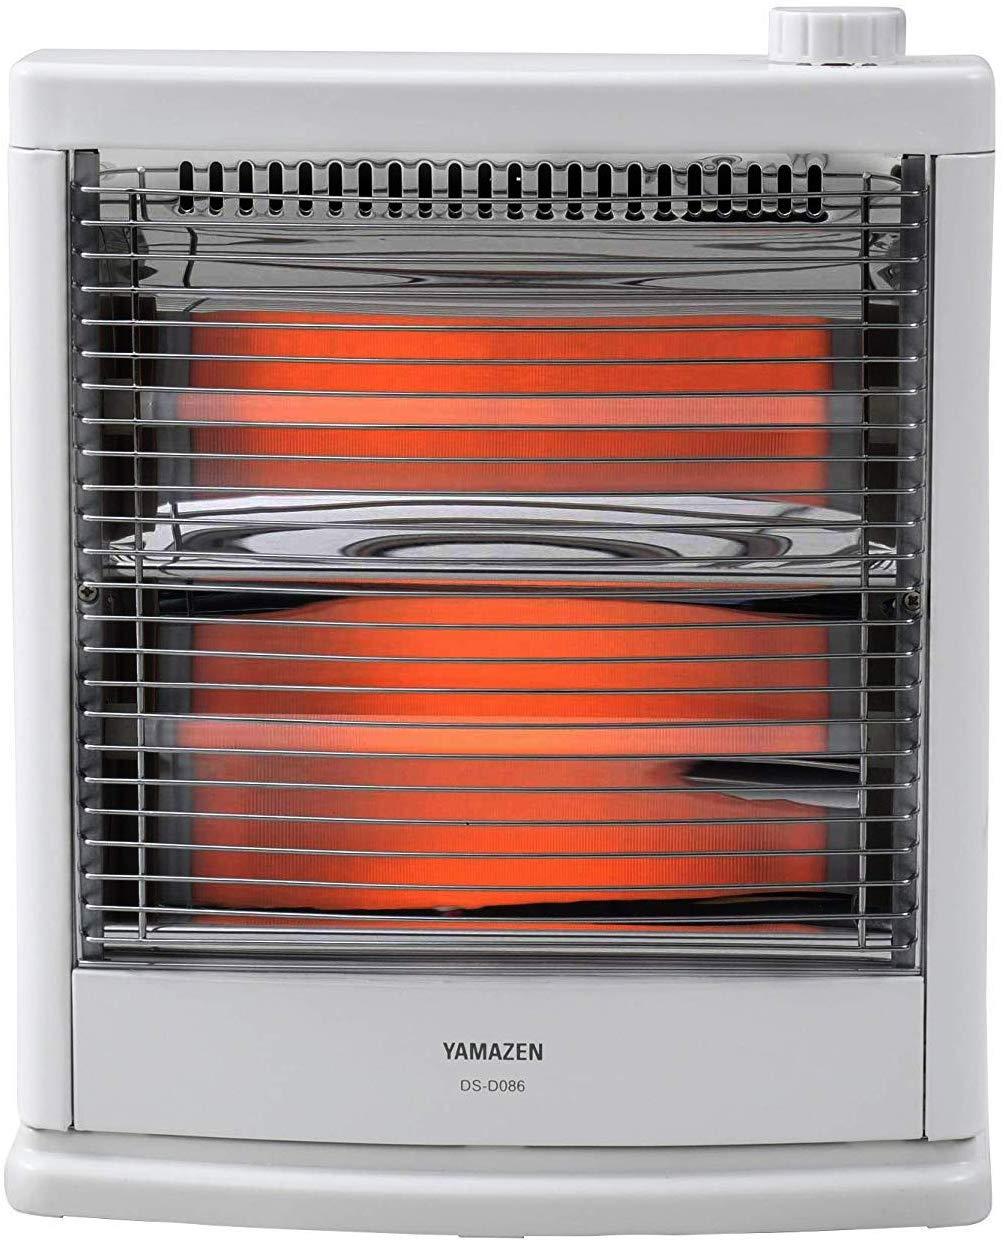 1人暮らし向け暖房器具のおすすめ8選【2020年版】